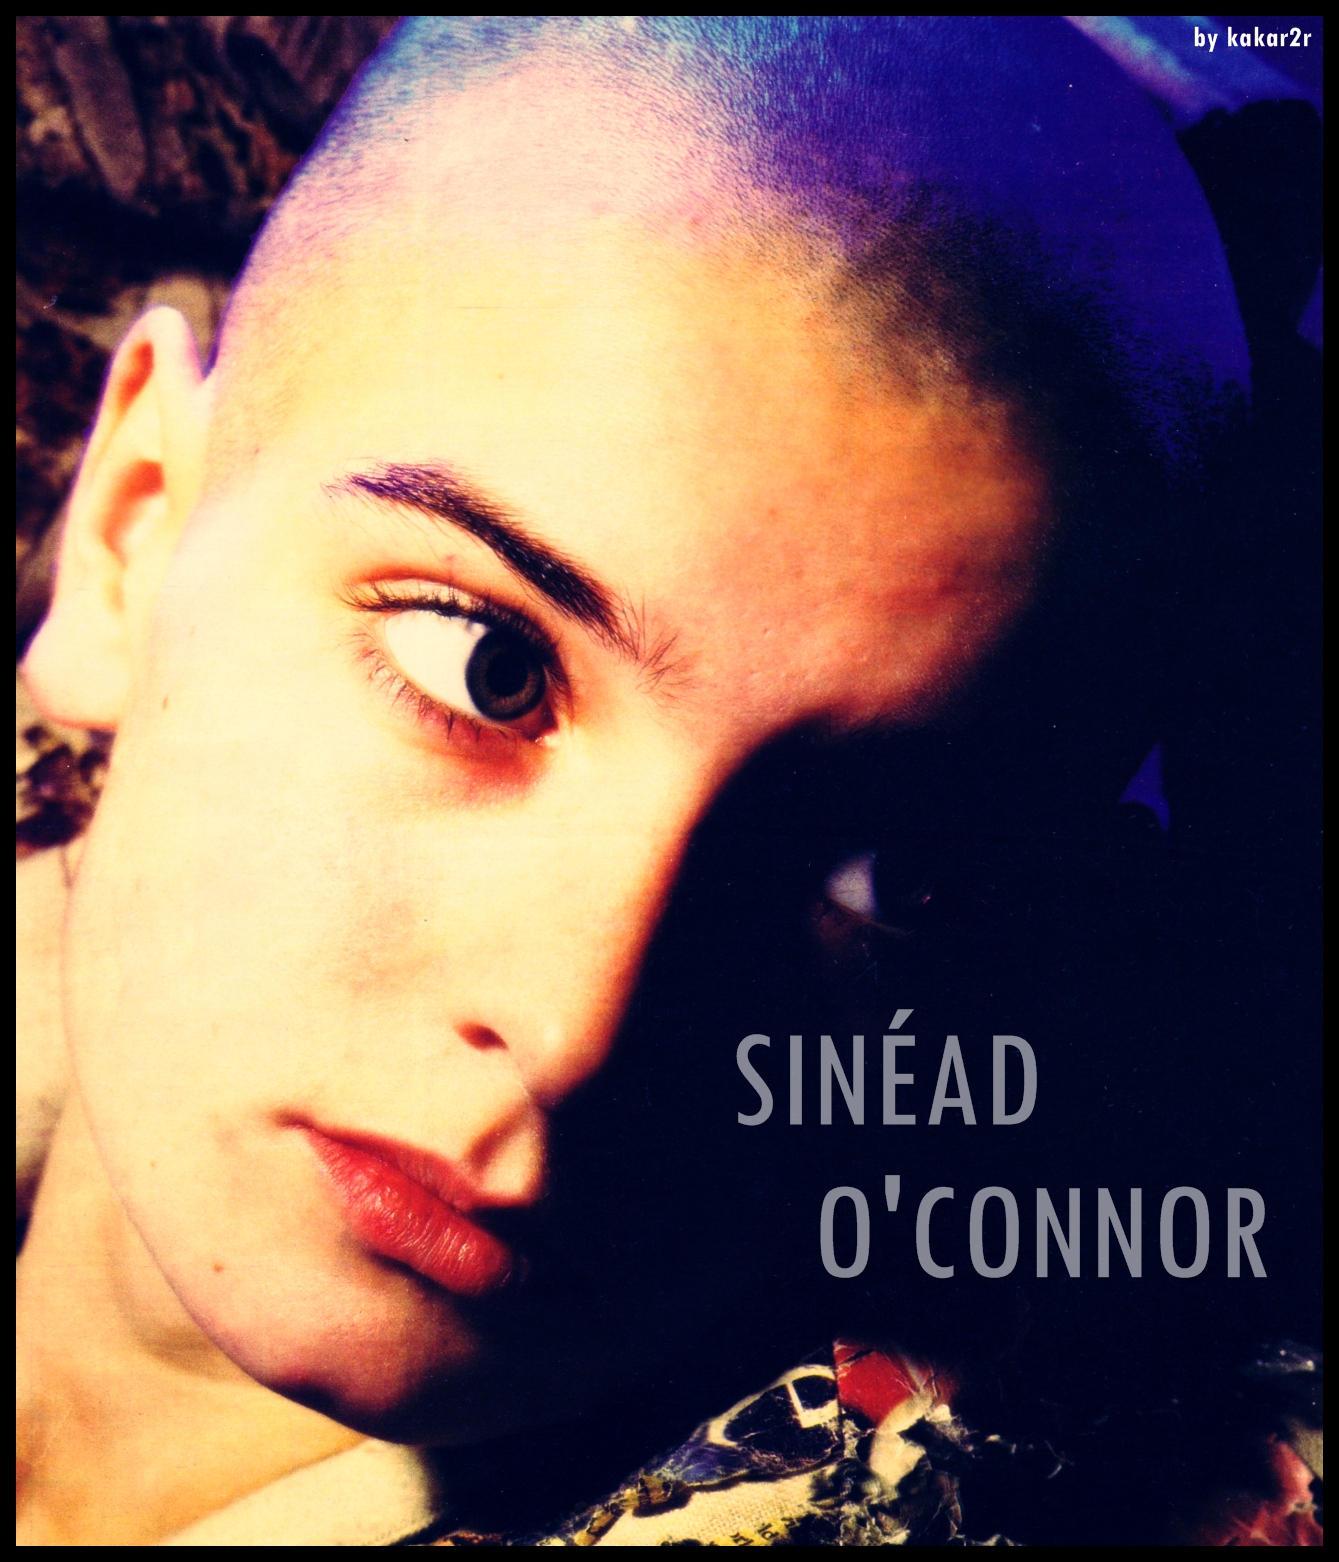 sinead o'connor - photo #26